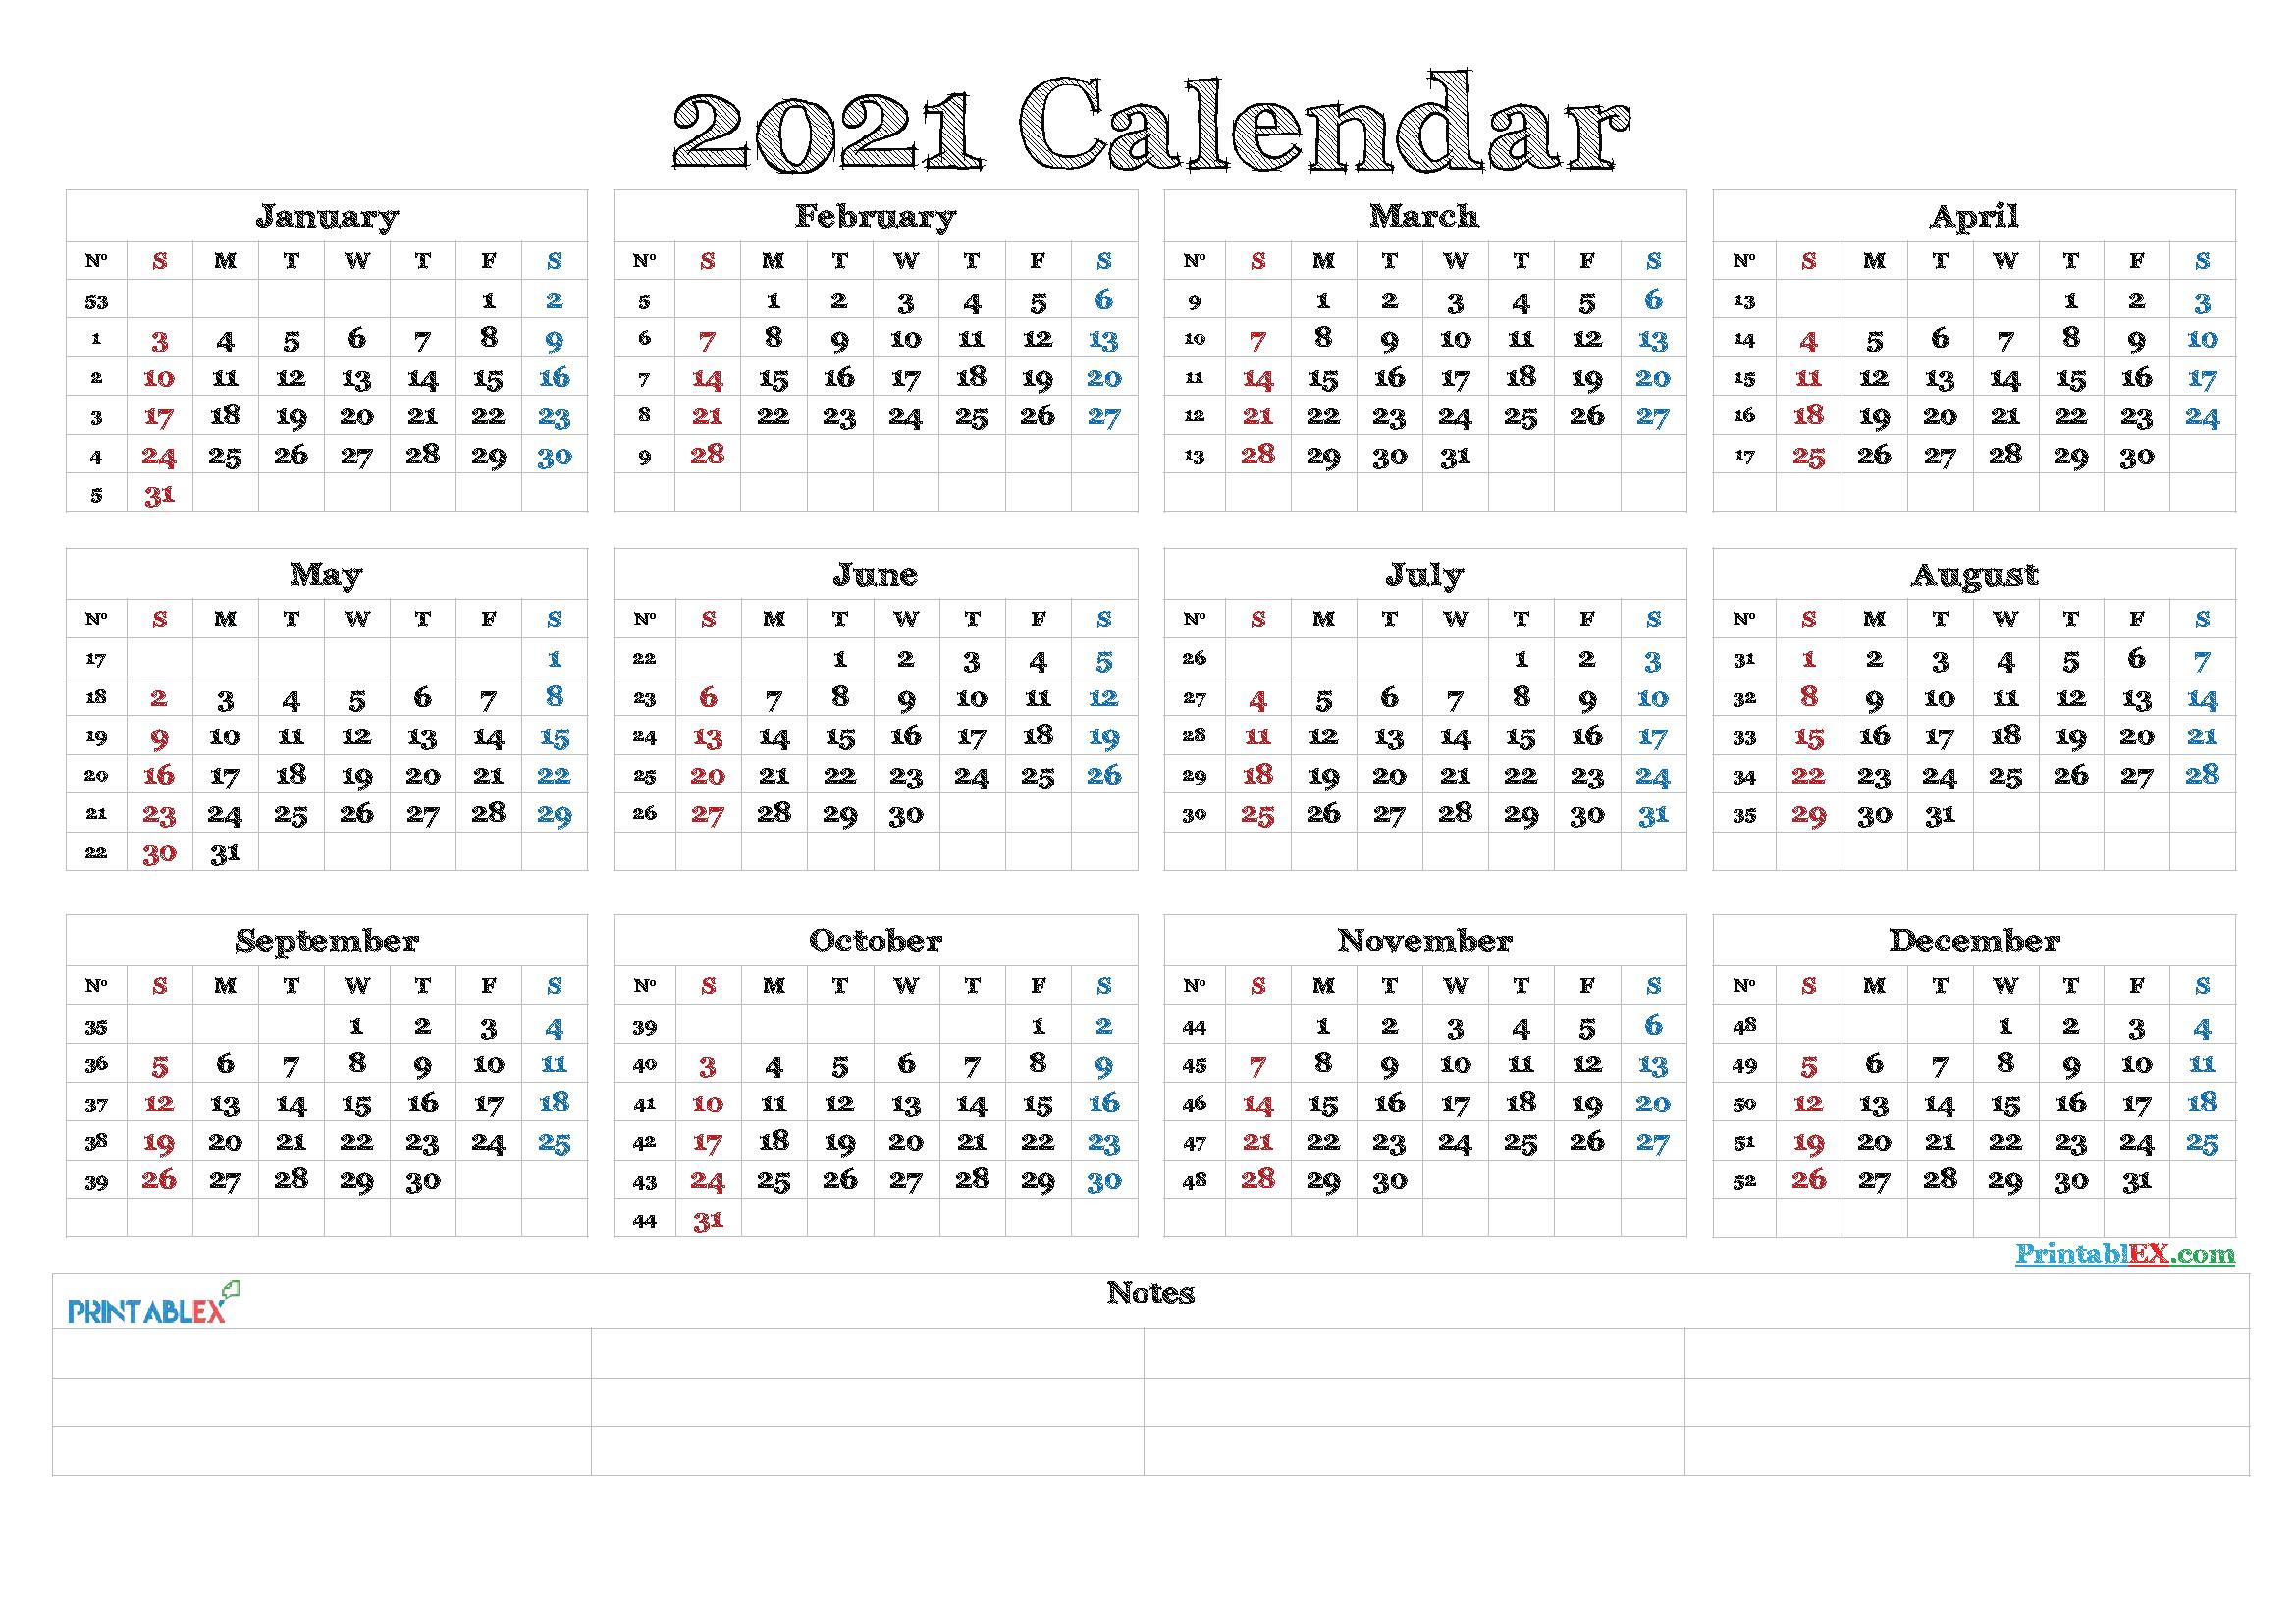 2021 Calendar With Week Numbers Printable - 21Ytw82  4 Months Per Page Calendar 2021 Printable